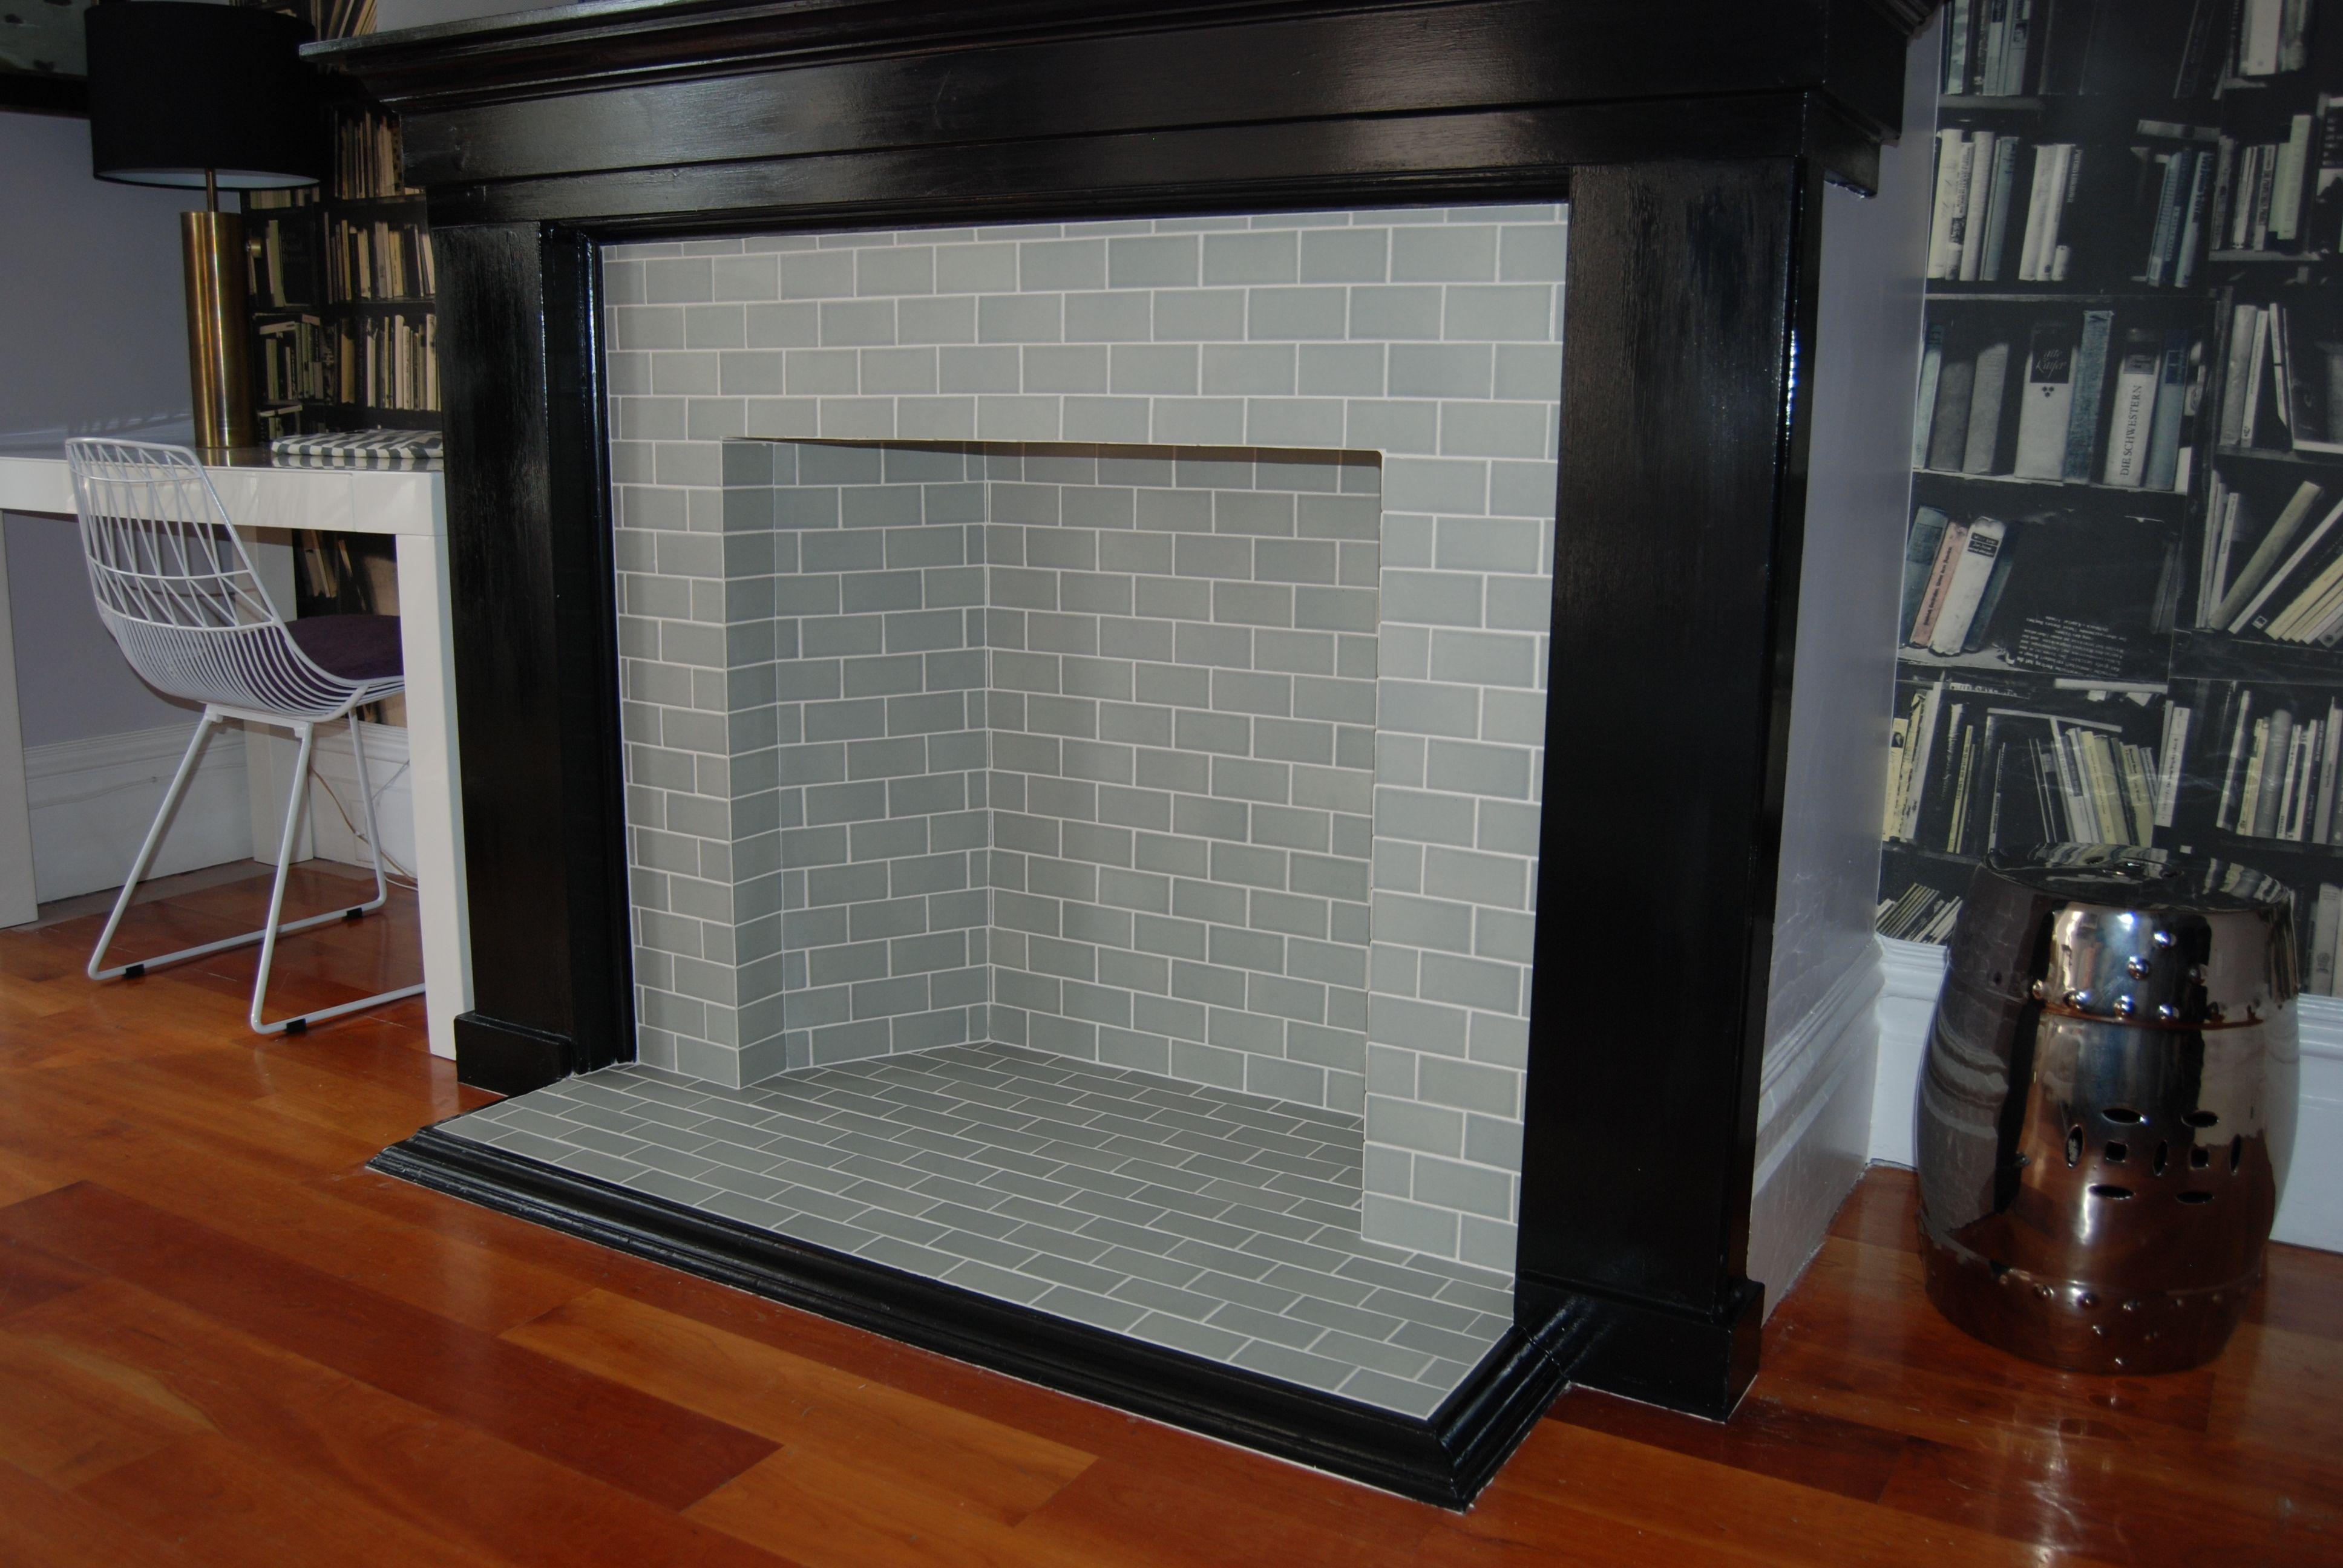 5 tips for finding the right tile installer fireclay tile design